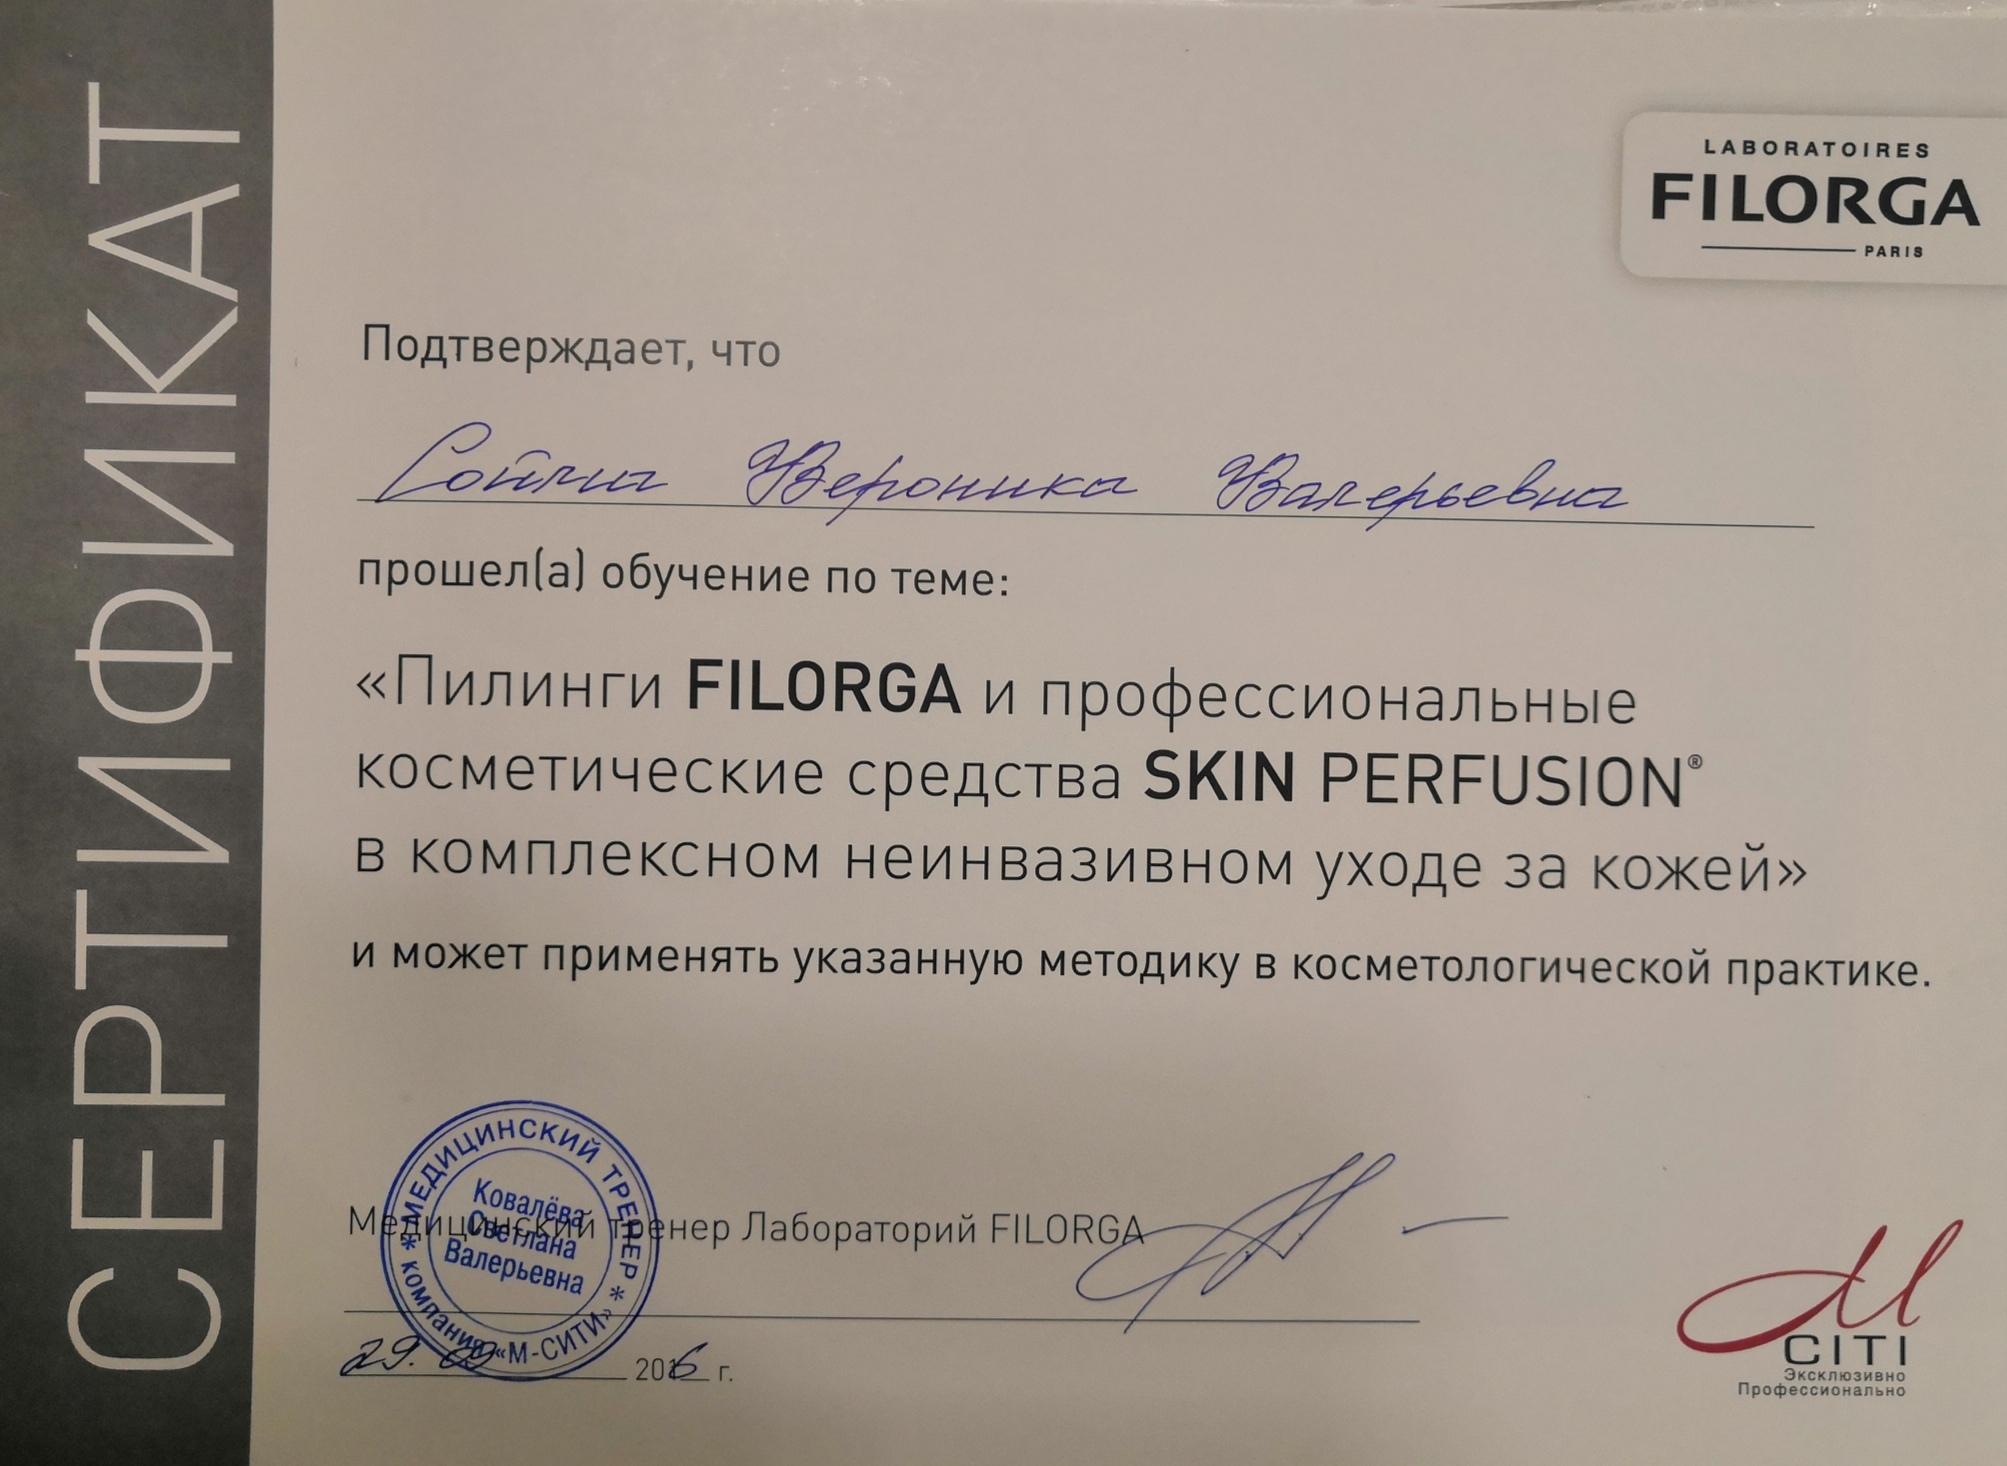 2016, Пилинги Filorga и профессиональные косметические средства Skin Perfusion